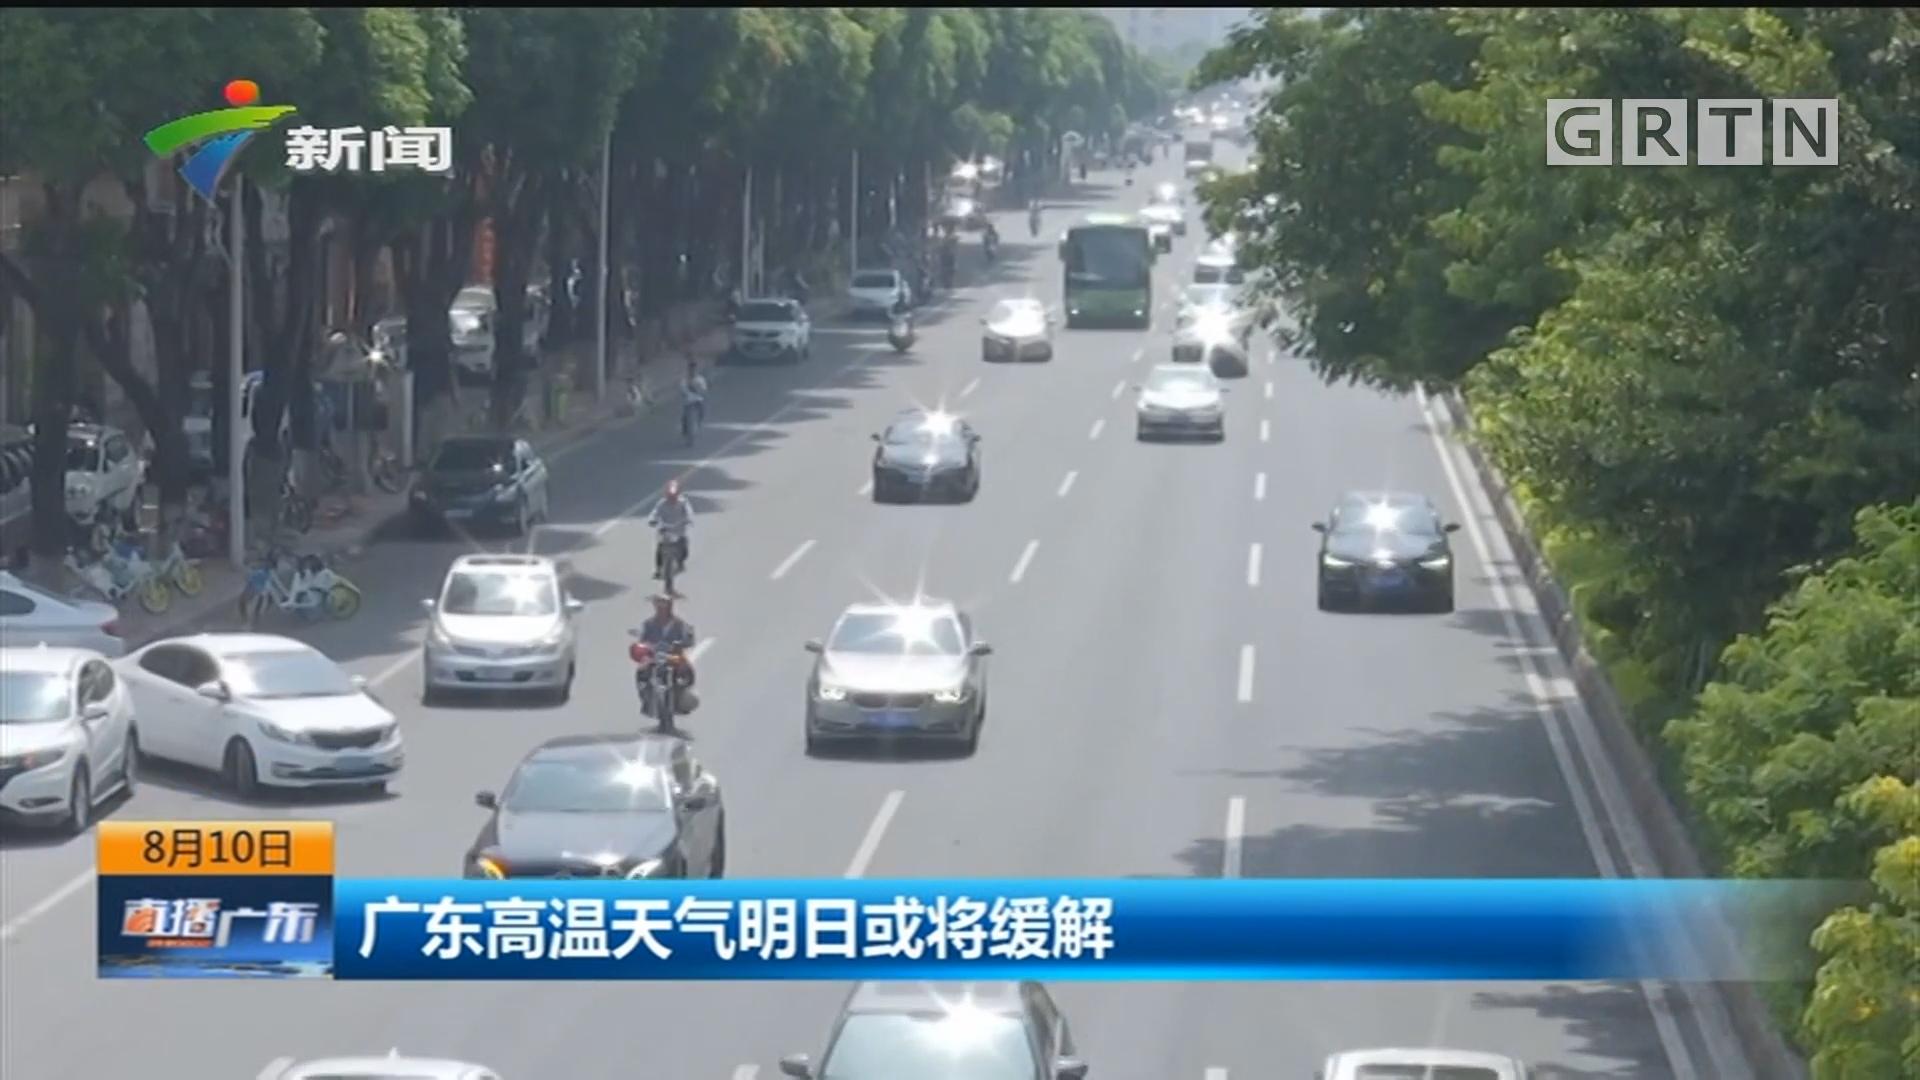 广东高温天气明日或将缓解